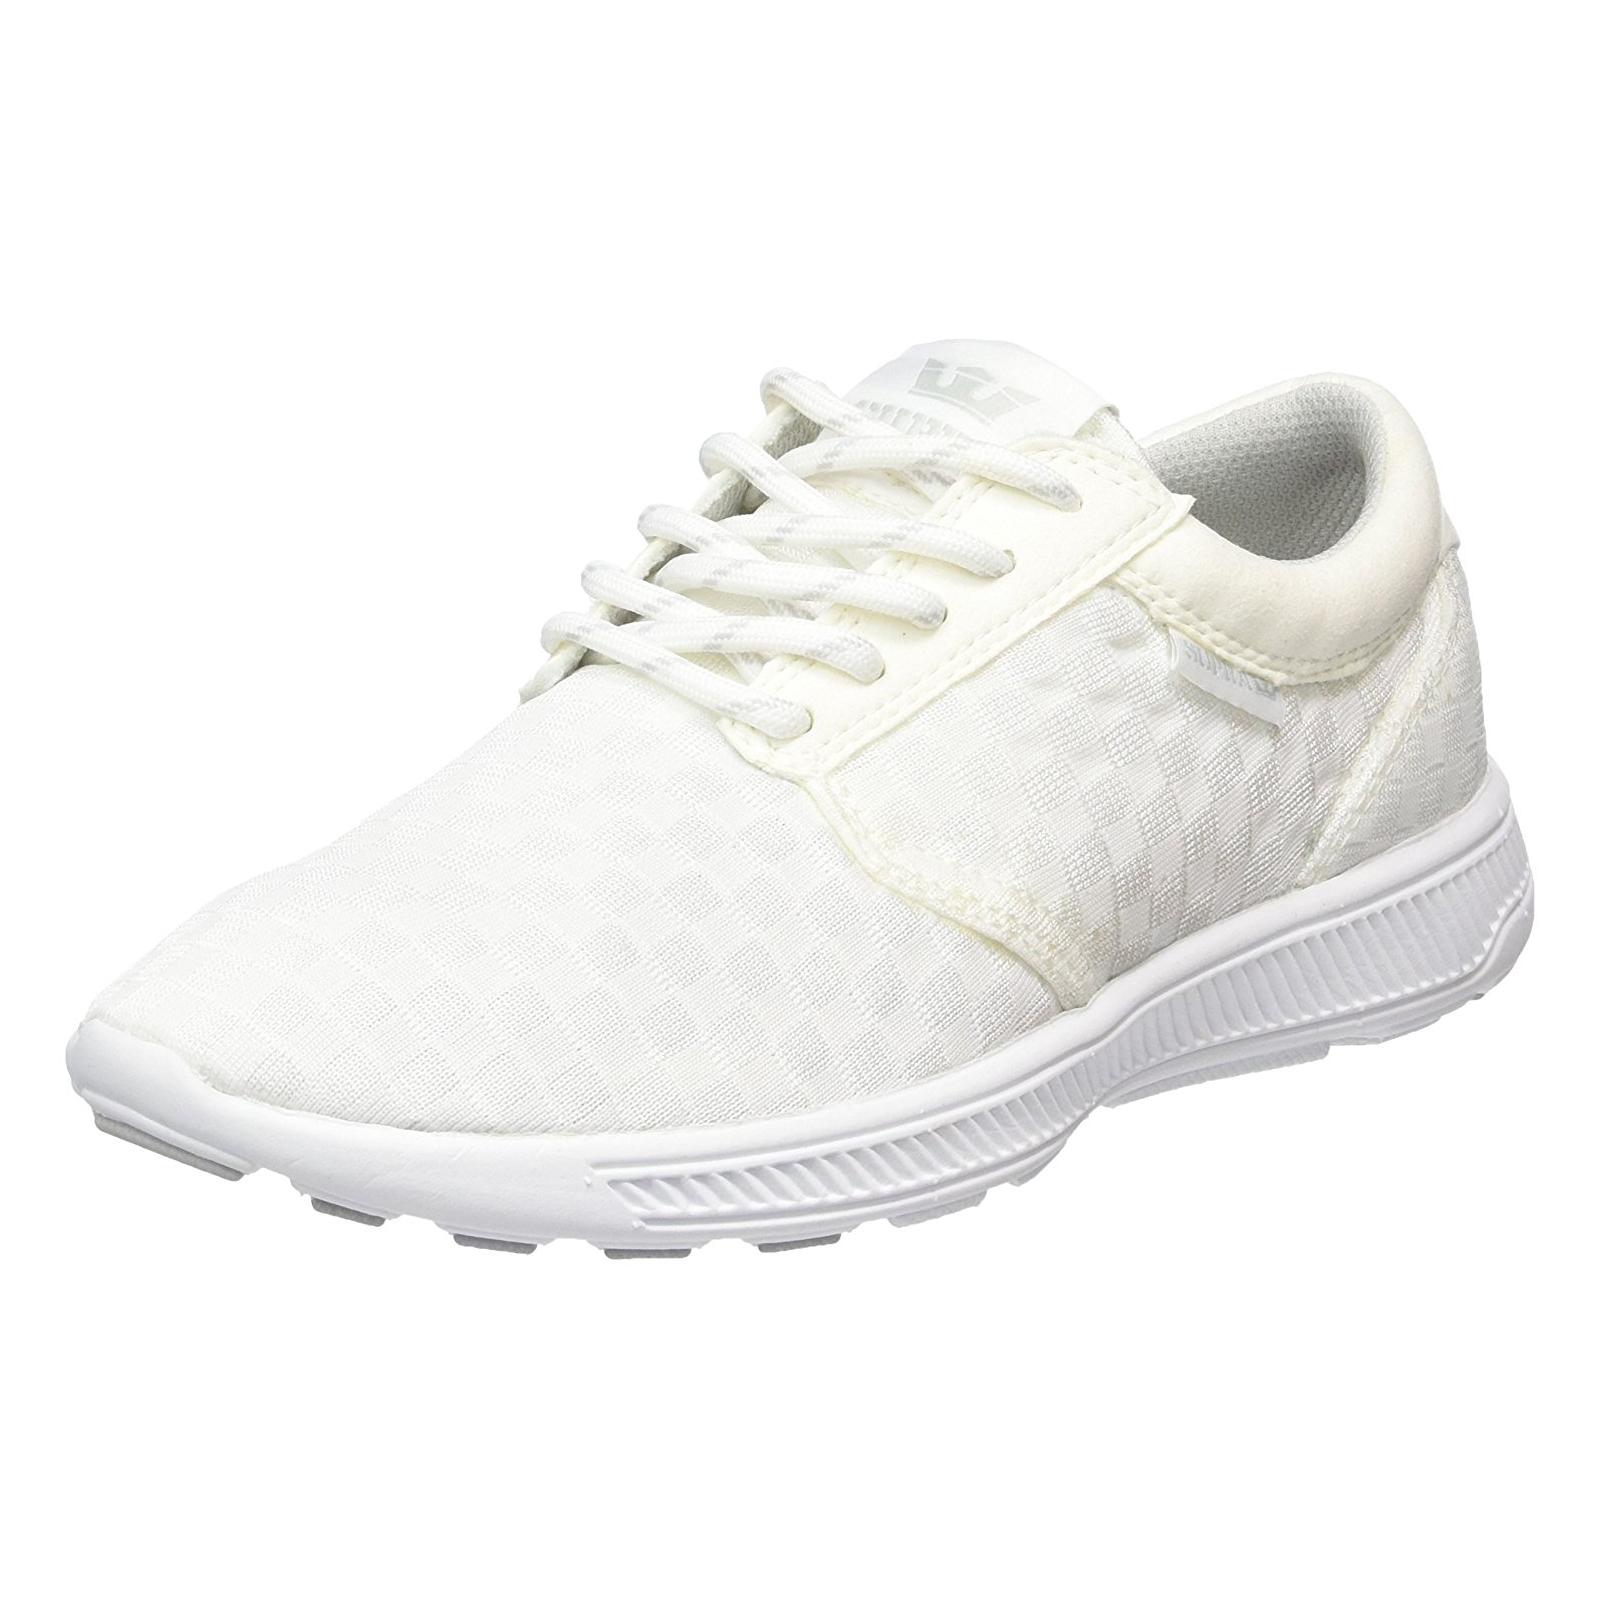 Messieurs / Dames Sneakers Supra Sneakers Dames Hammer Run-White-White Wht Bianco Conception innovante Très apprécié et apprécié par le public de consommateurs Tendance Personnalisation a293c4